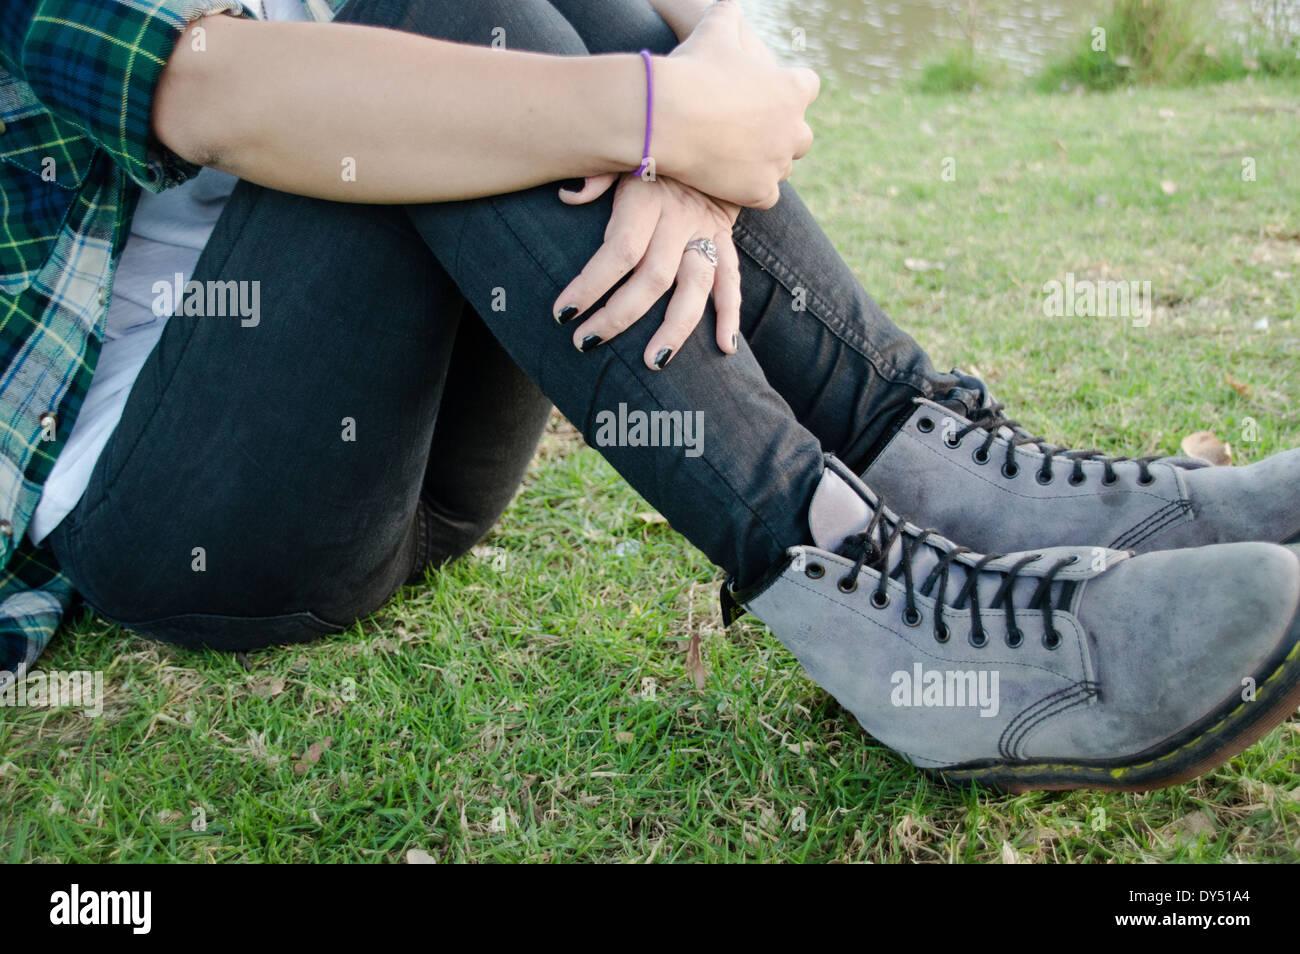 Taille abwärts, junge Frau sitzt auf dem Rasen Stockbild